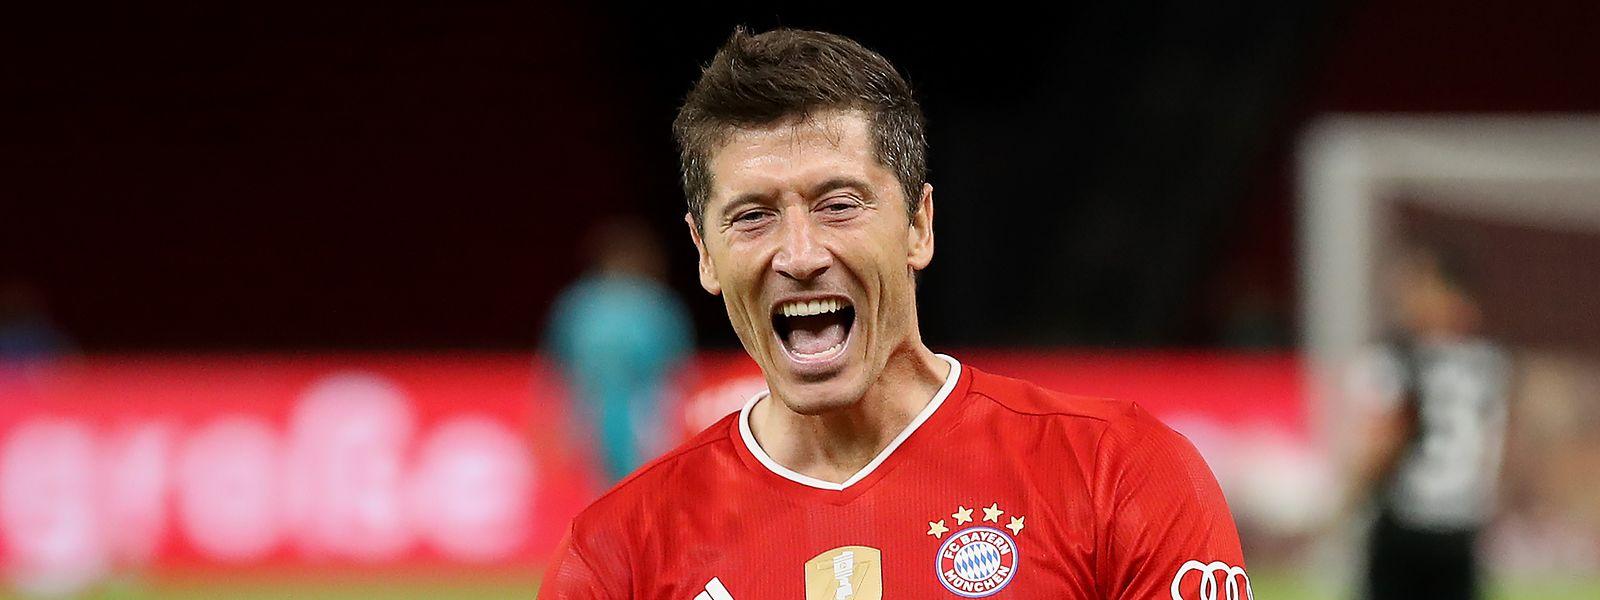 Robert Lewandowski fehlt nur noch der Titel Weltfußballer des Jahres.